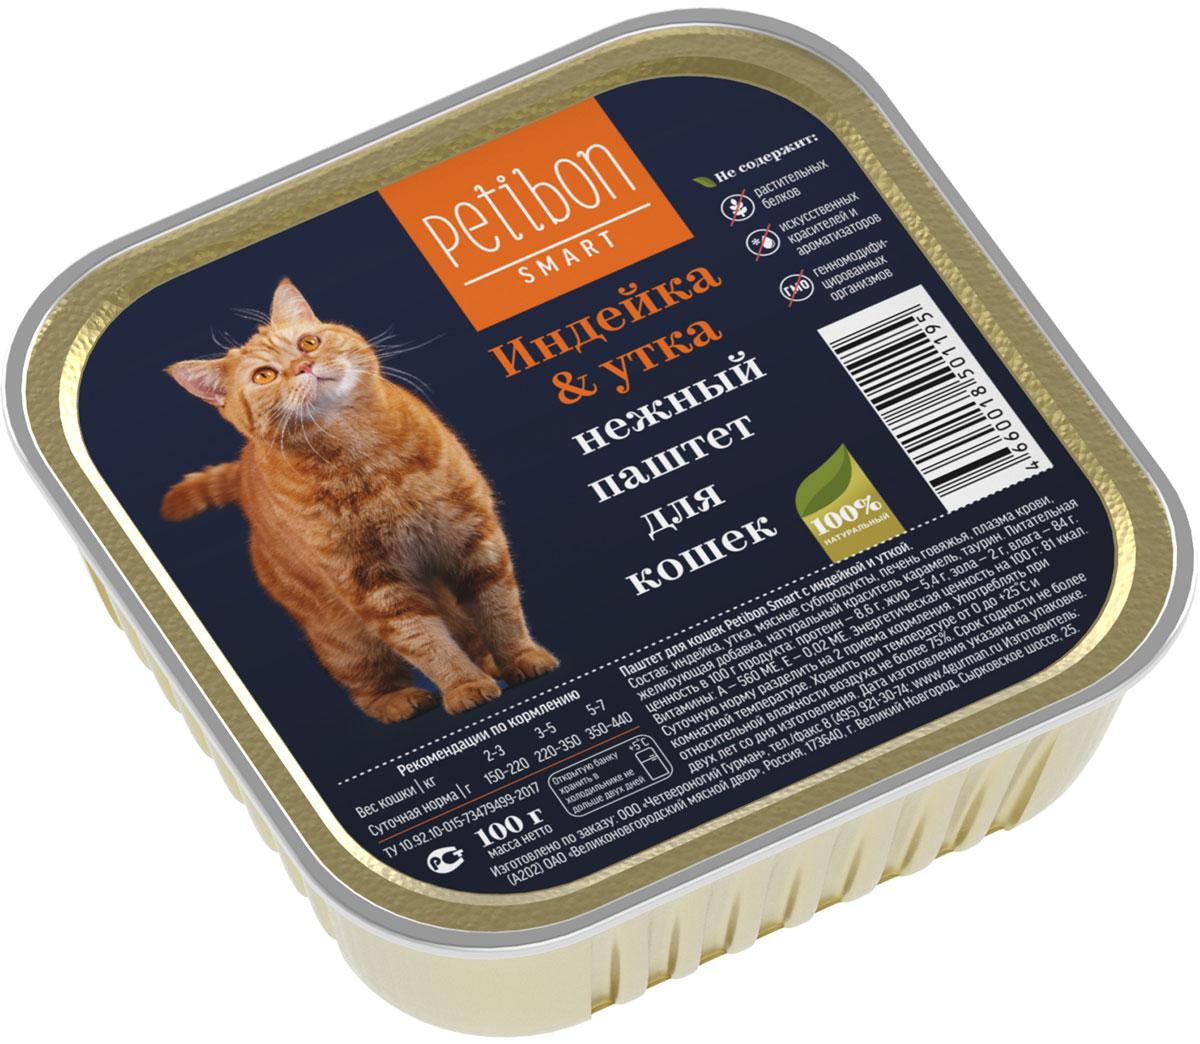 Корм консервированный для кошек Petibon Smart Паштет, с индейкой и уткой, 100 г консервы для кошек vita pro мясное меню с индейкой и уткой 100 г 90102